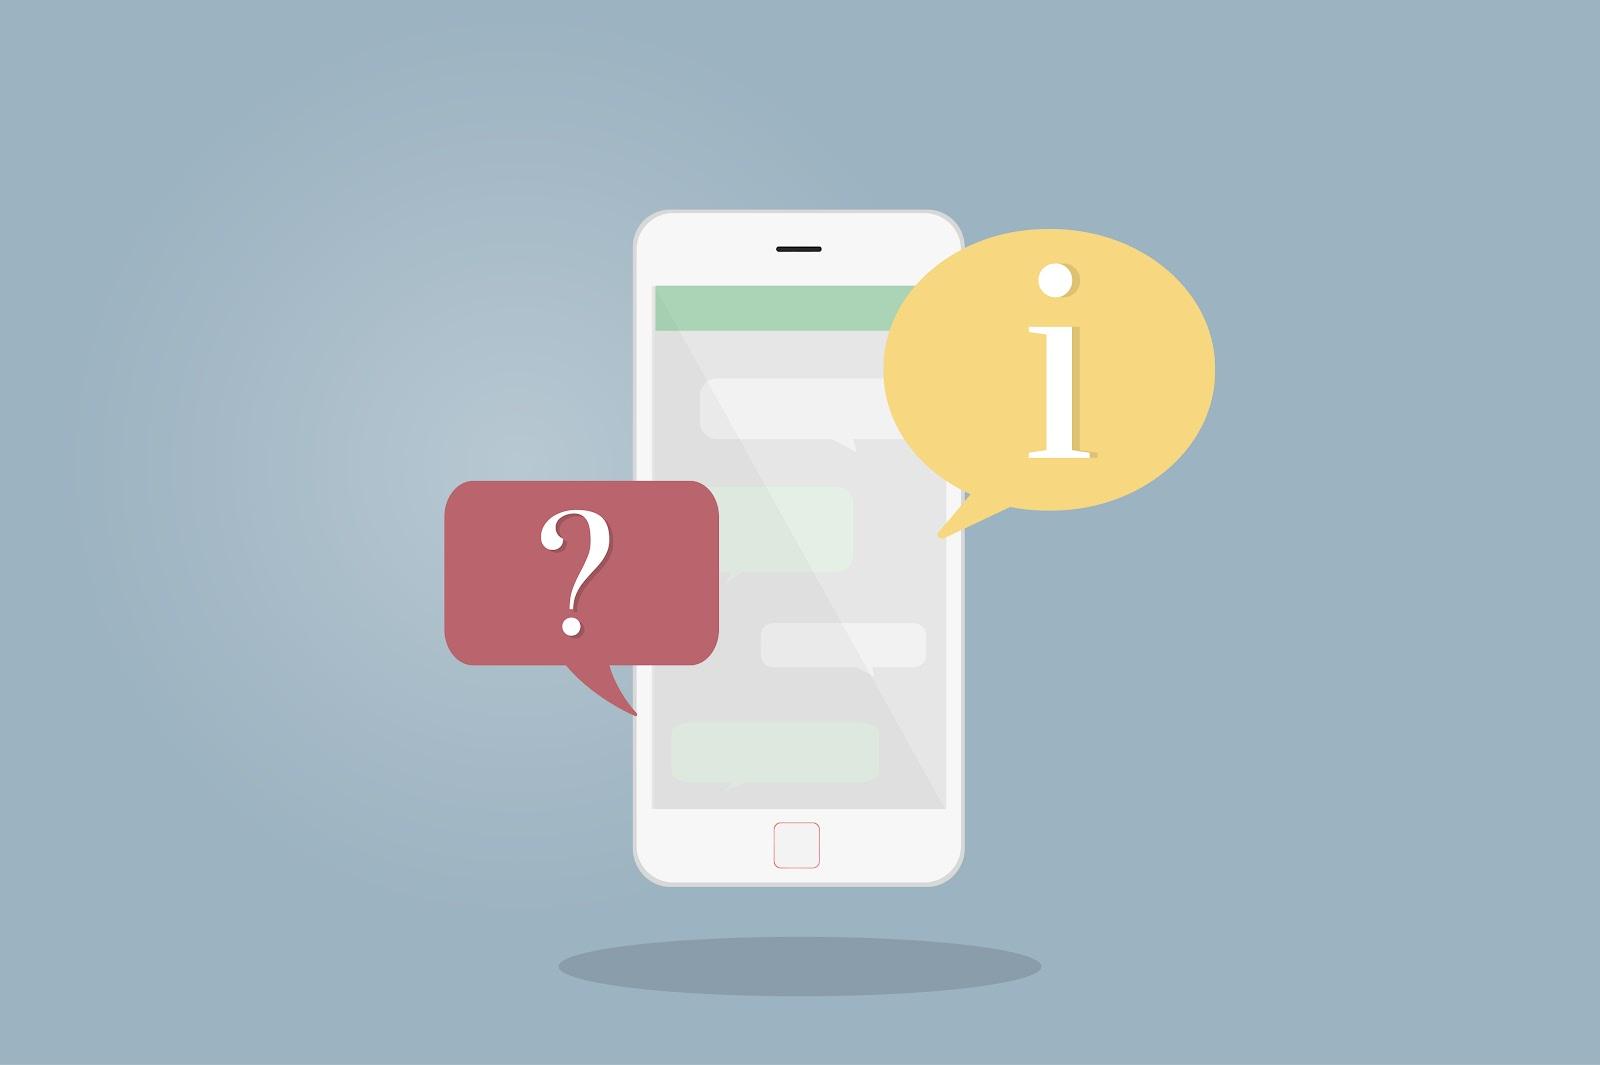 notificação de mensagem no celular